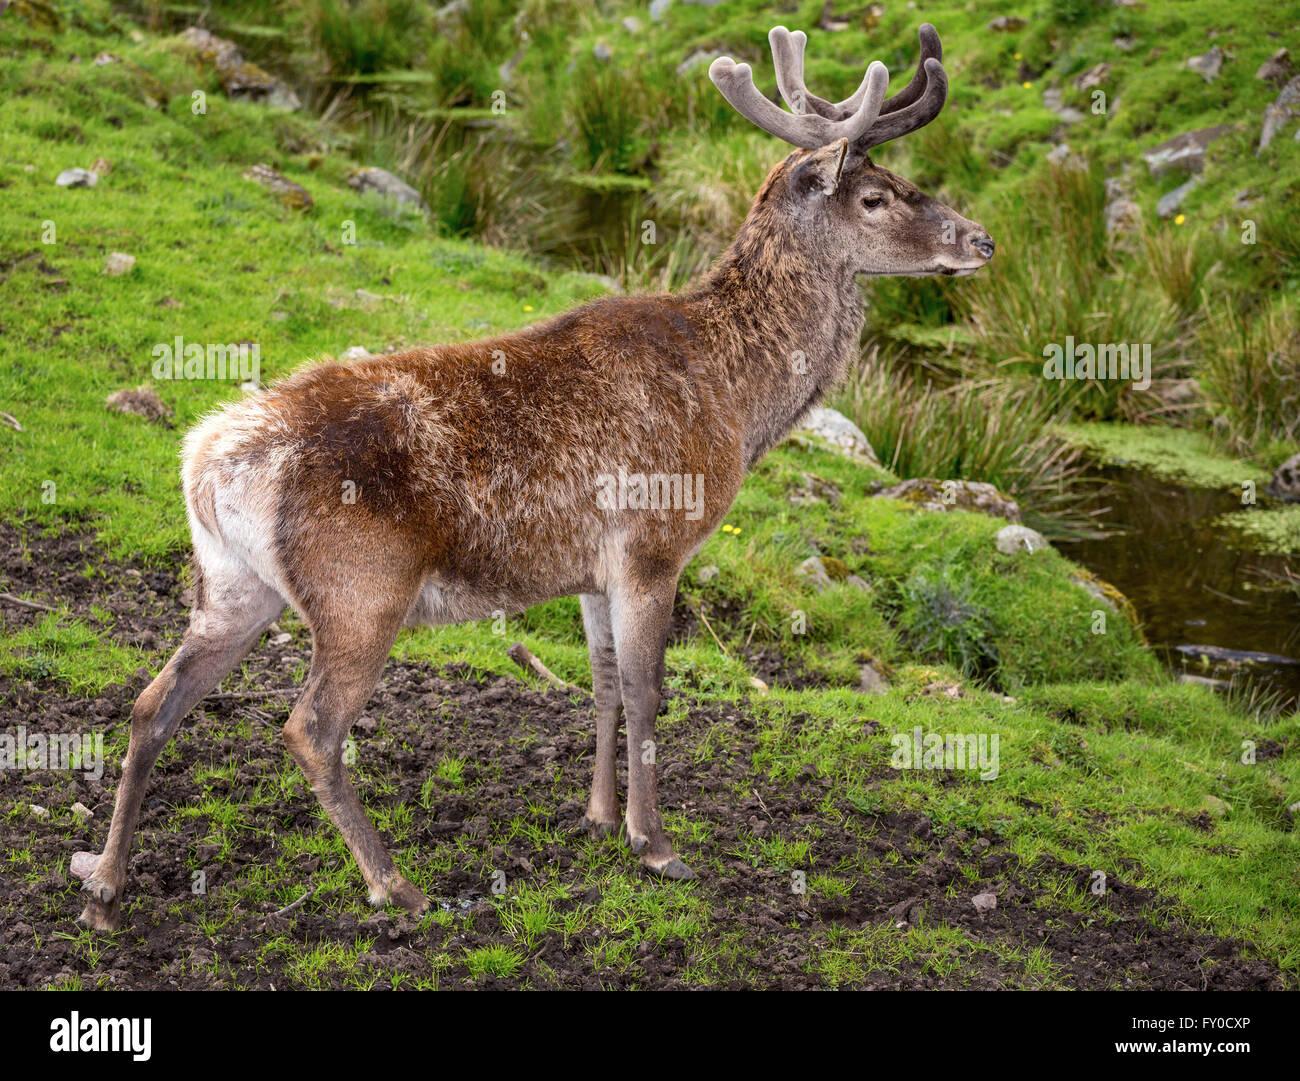 Red deer (Cervus elaphus), captive, Skåne, Sweden - Stock Image